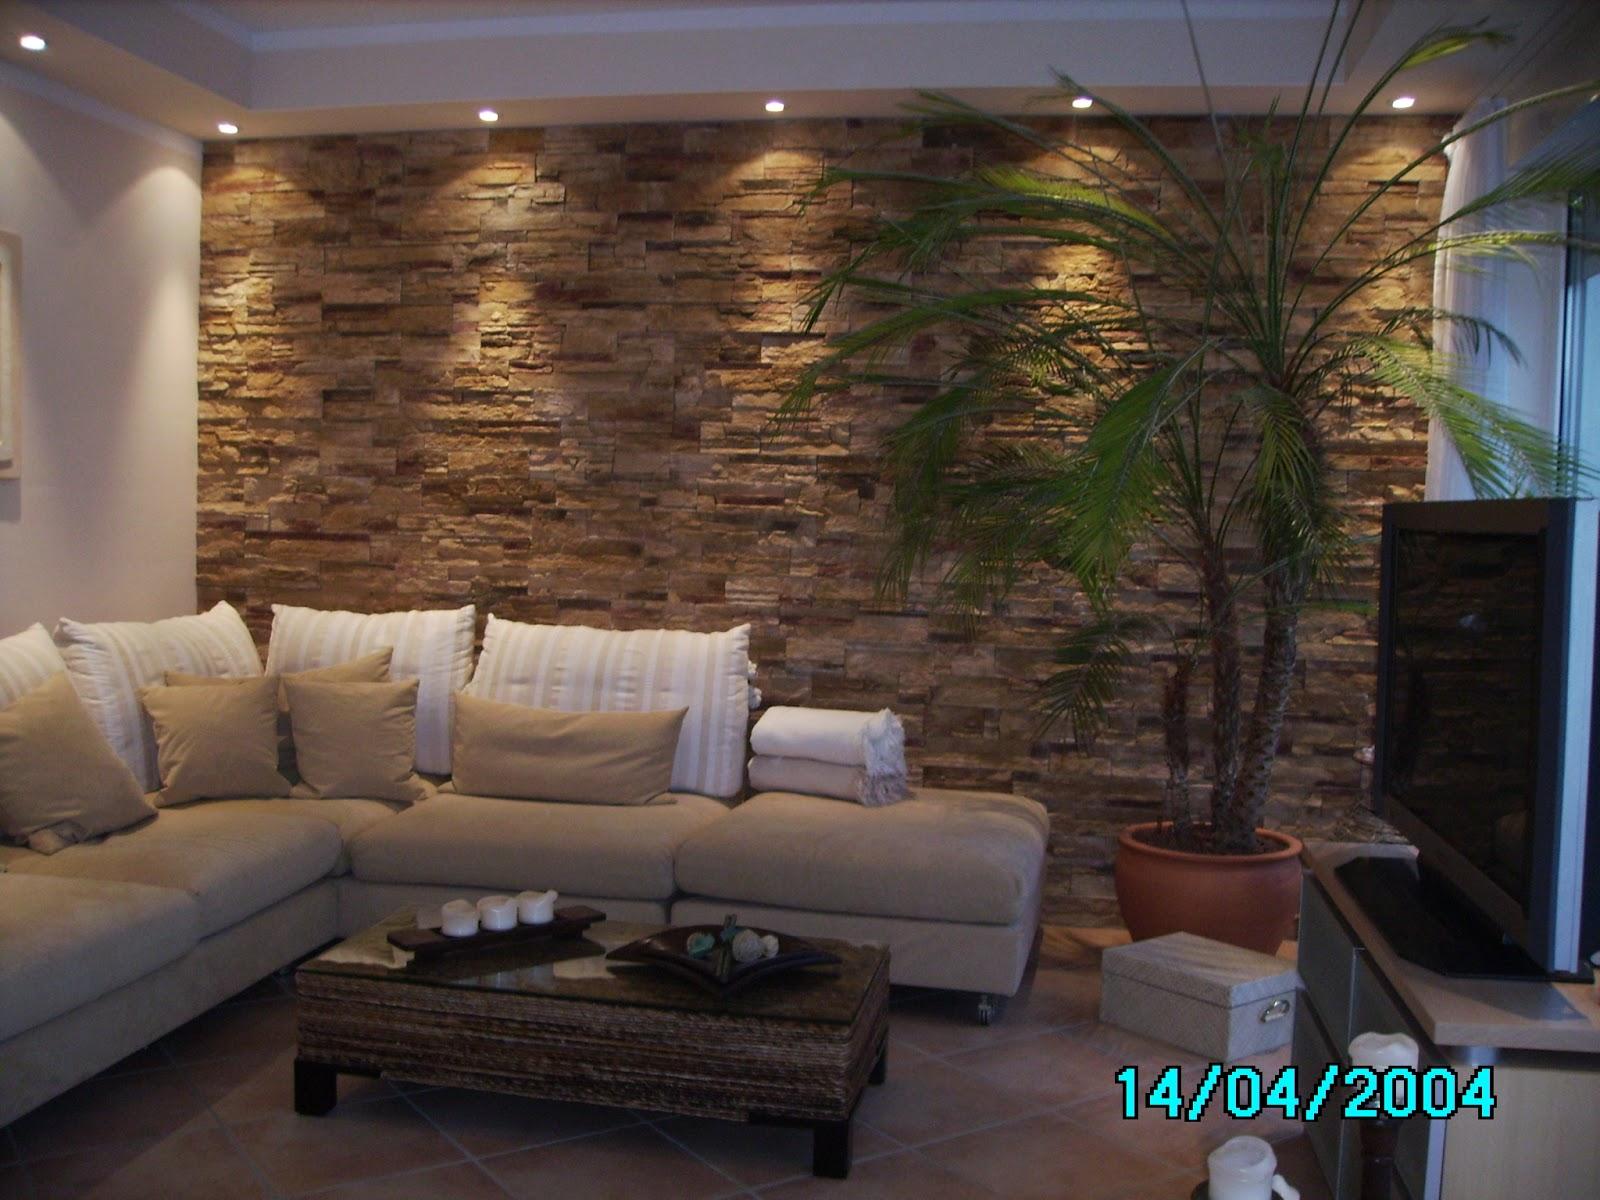 Schon Steinwand Tapete Wohnzimmer Hausgestaltung Ideen